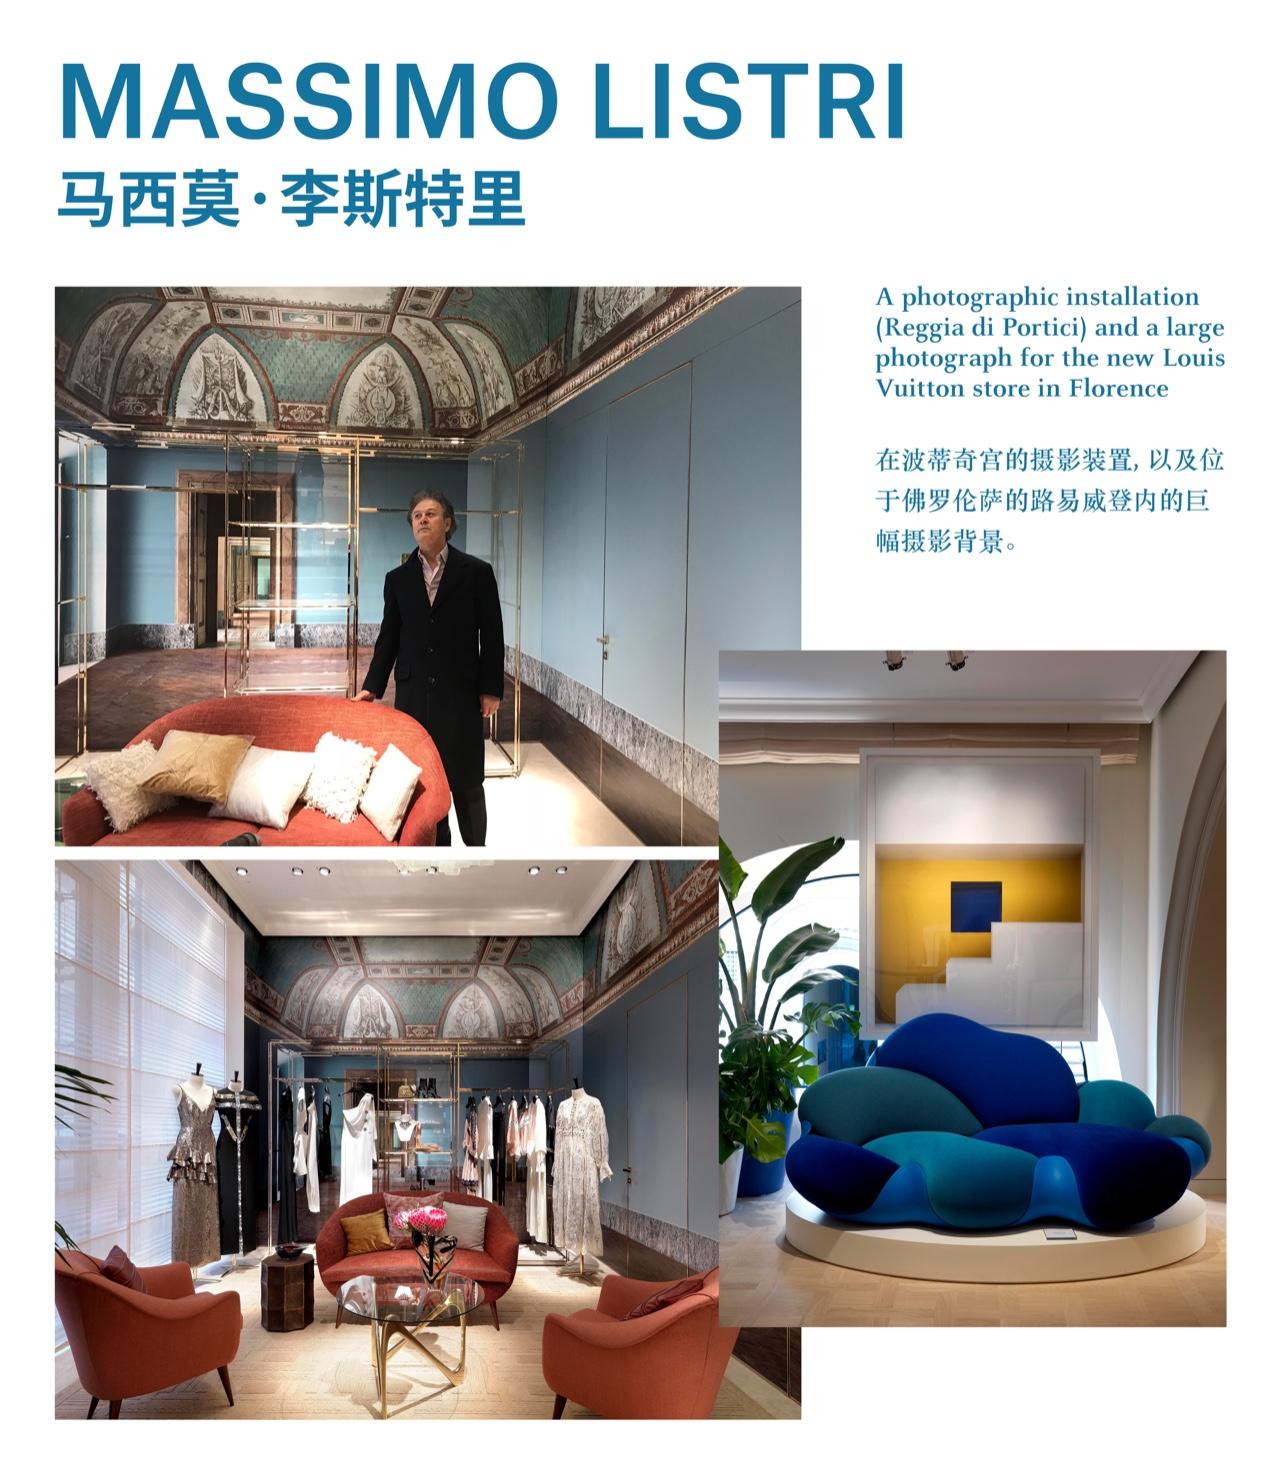 馬西莫李斯特里上海攝影展時間 地點 門票